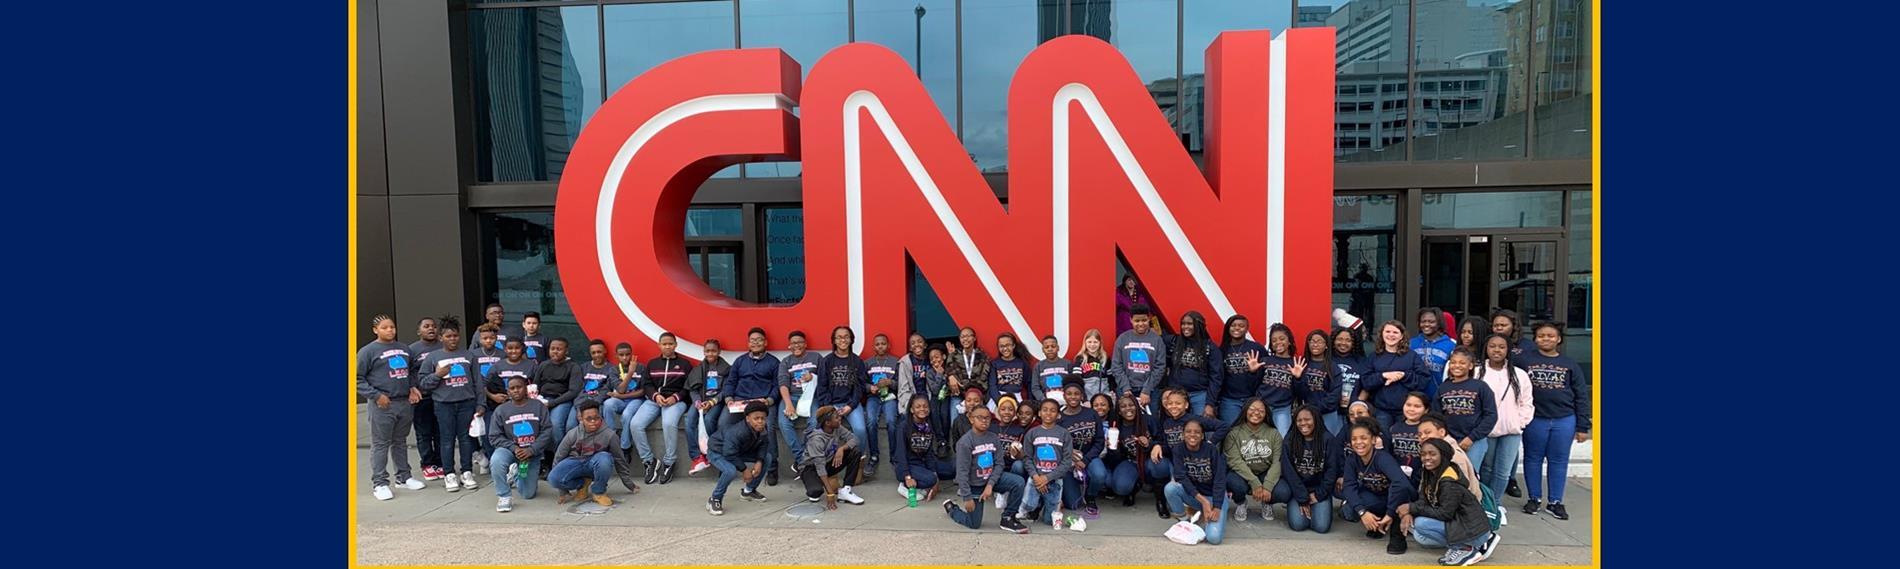 CNN Trip